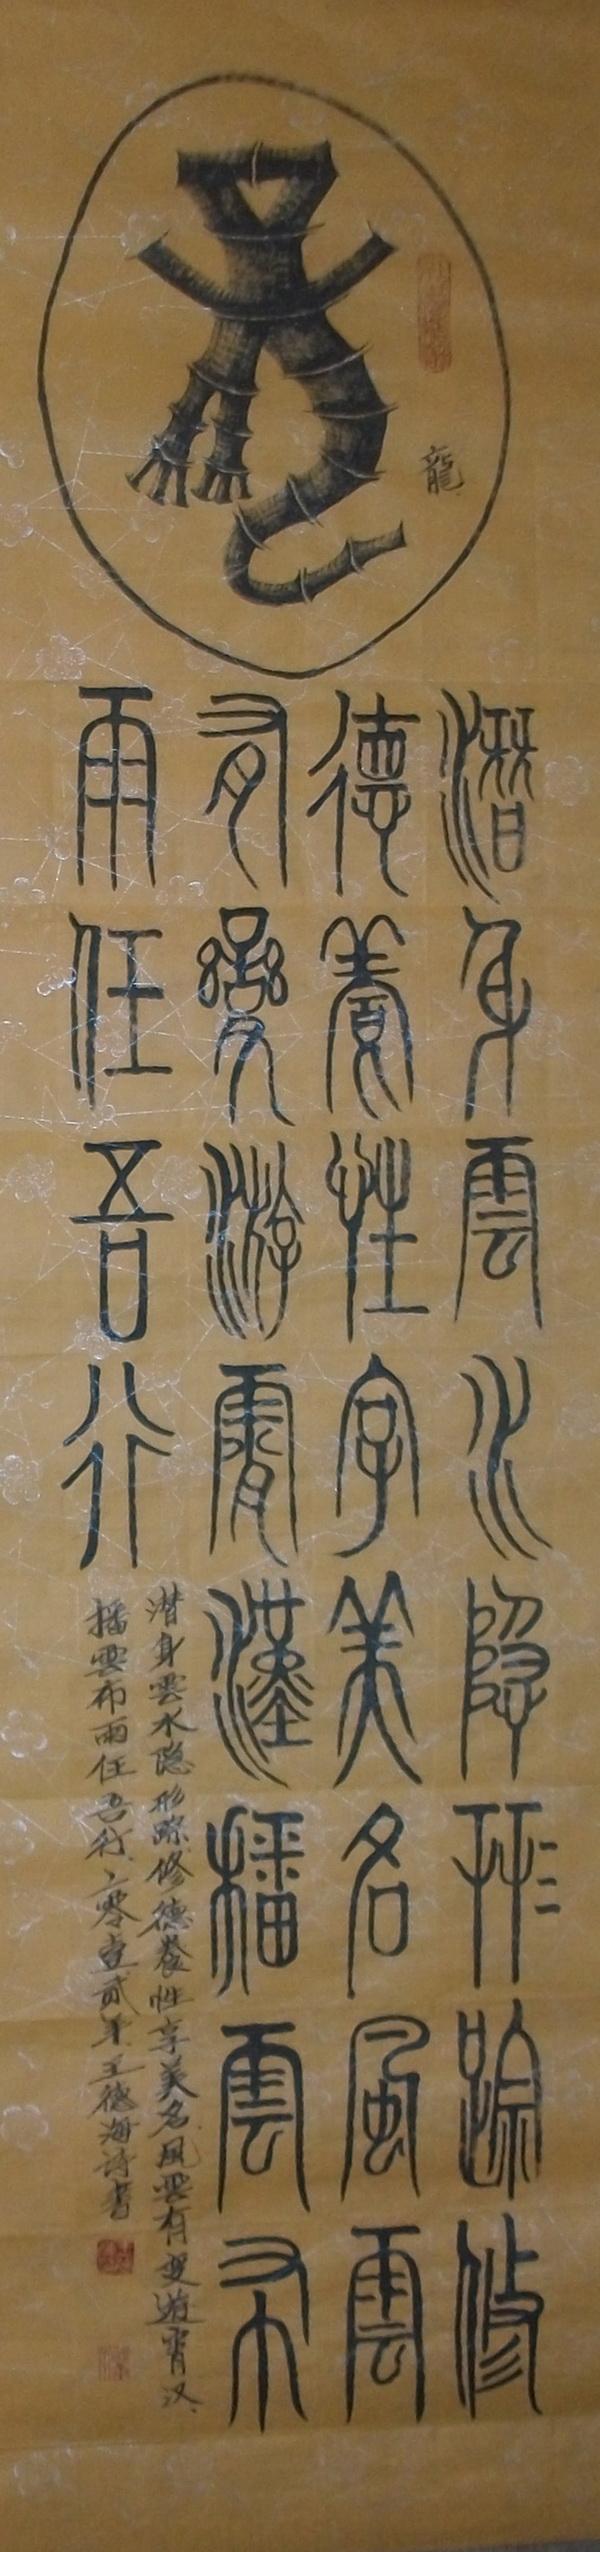 竹骨文条幅 十二生肖